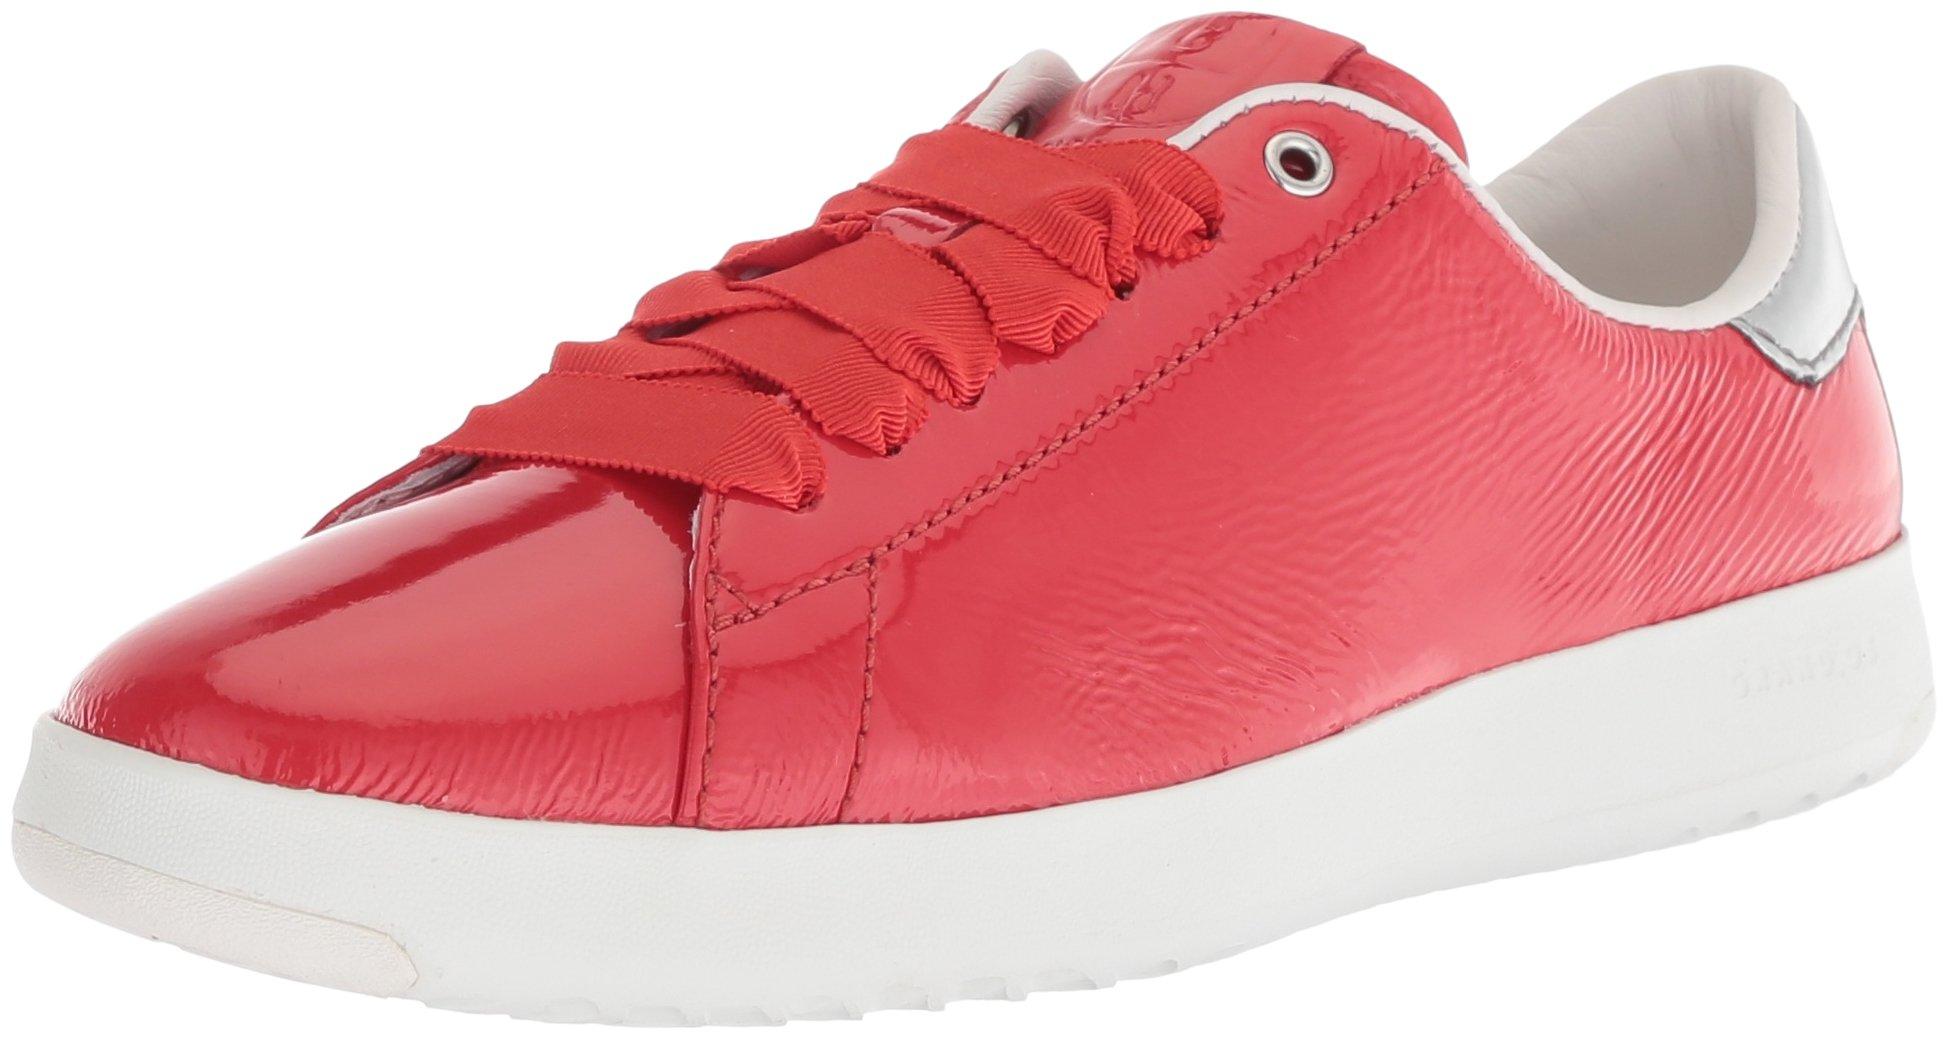 Cole Haan Women's Grandpro Tennis Sneaker, Aura Orange, 8 B US